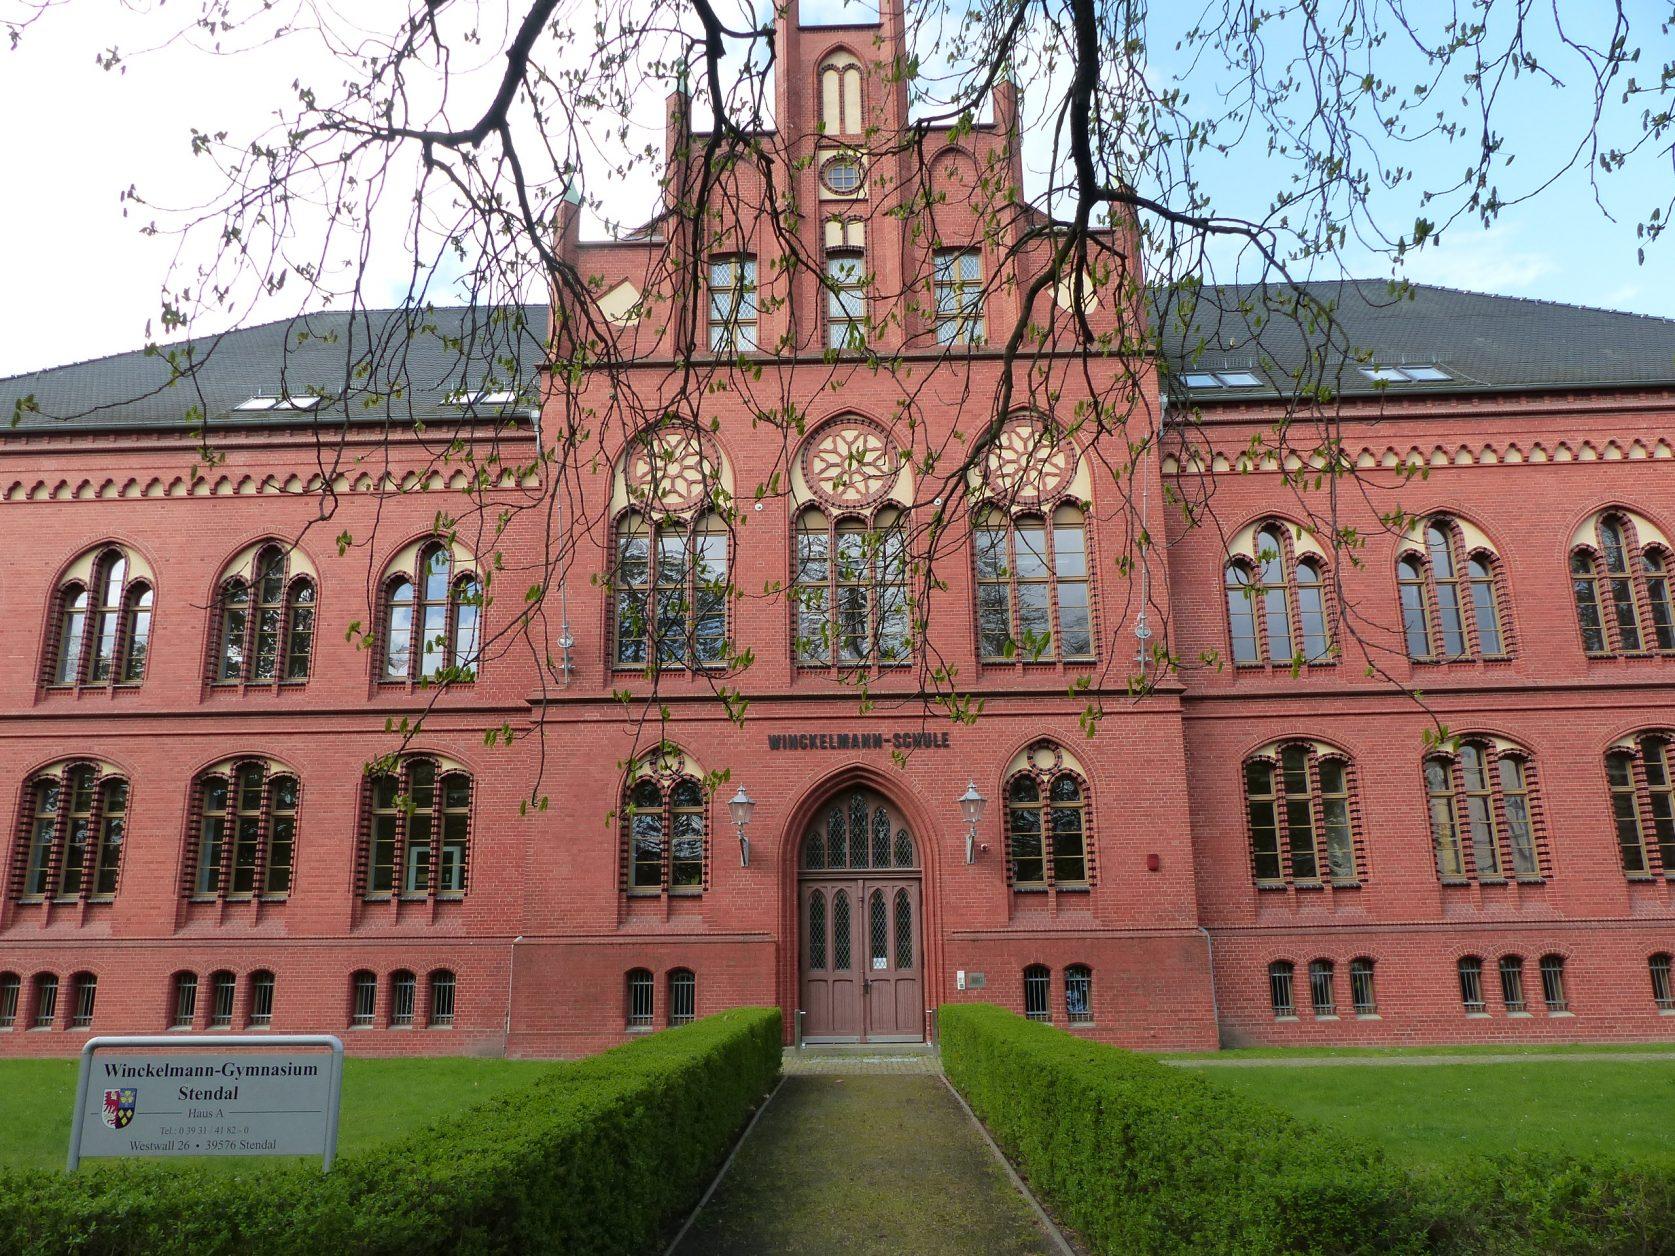 Das Winckelmann-Gymnasiums wurde 1898 errichtet. Foto: D.Weirauch